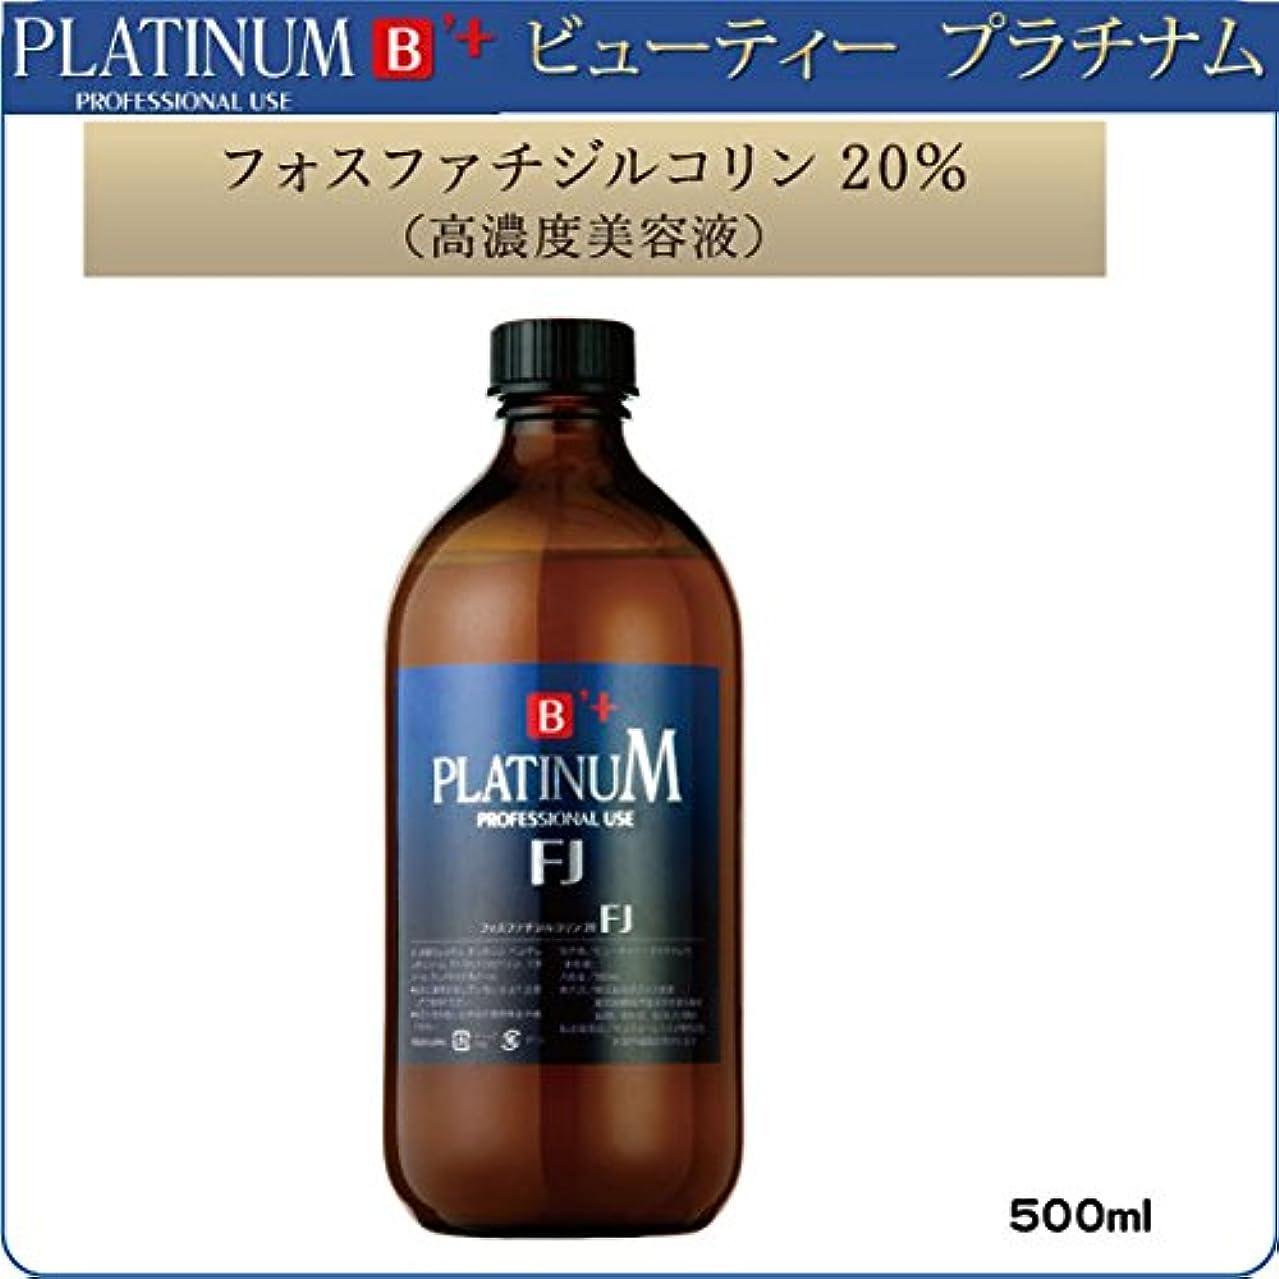 コンピューターを使用するアパートクレデンシャル【ビューティー プラチナム】 PLATINUM B'+  フォスファチジルコリン20%高濃度美容液  痩身専用:500ml